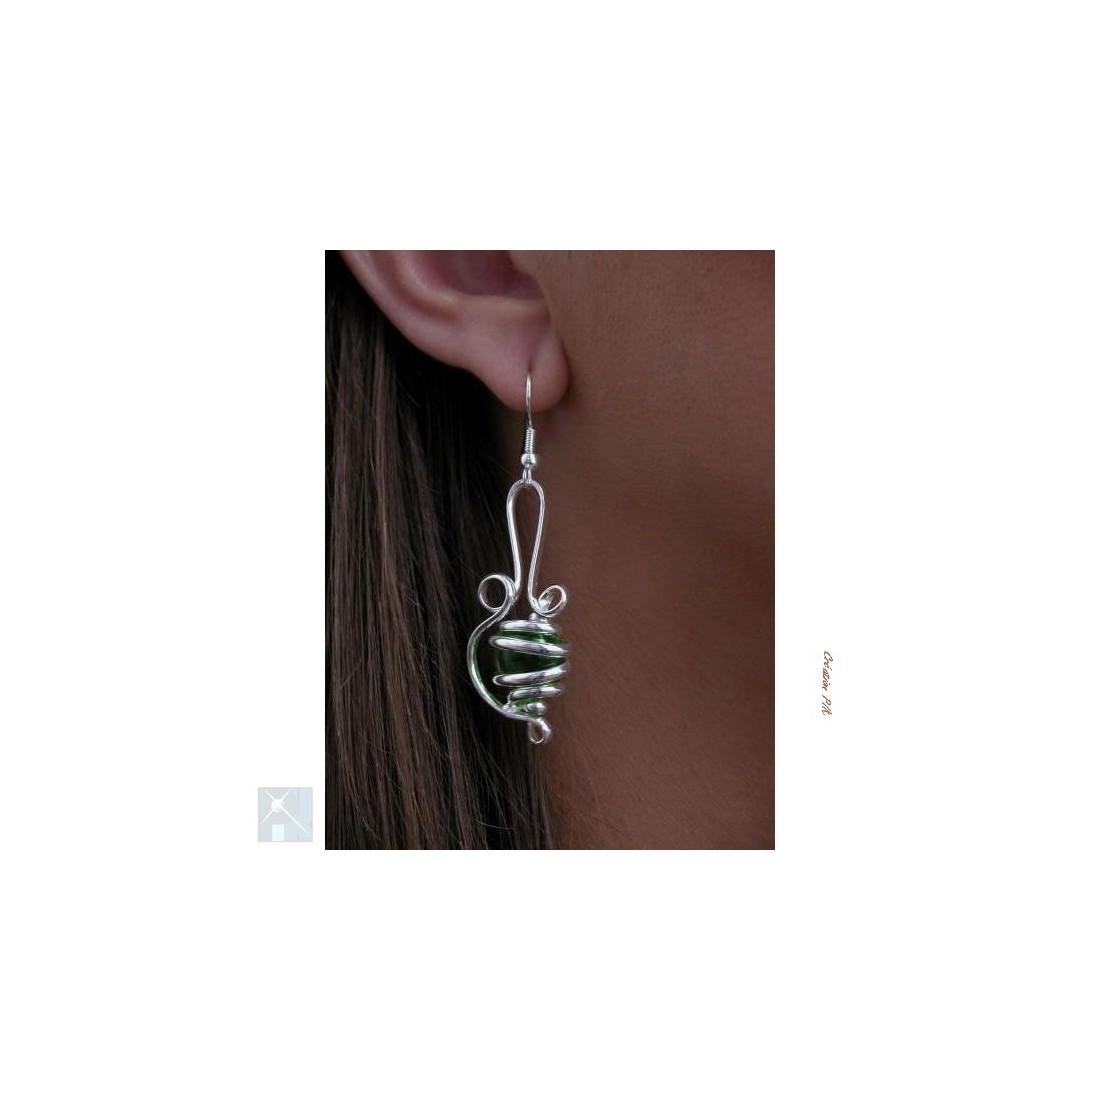 Bijou de créateur-boucles d'oreilles argent et vert pâle.